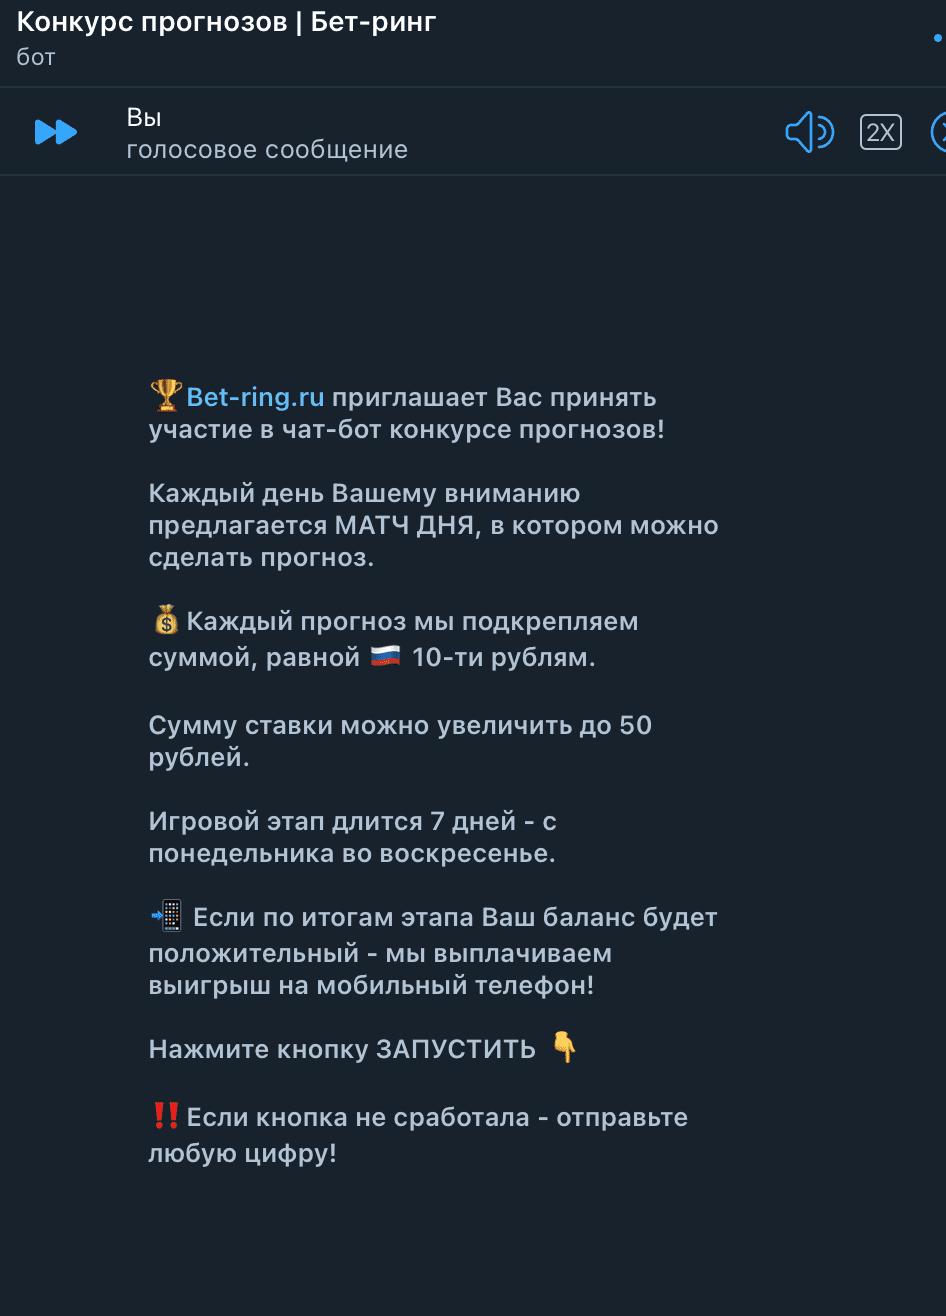 Телеграм бот Bet-ring.ru(Бет Ринг)